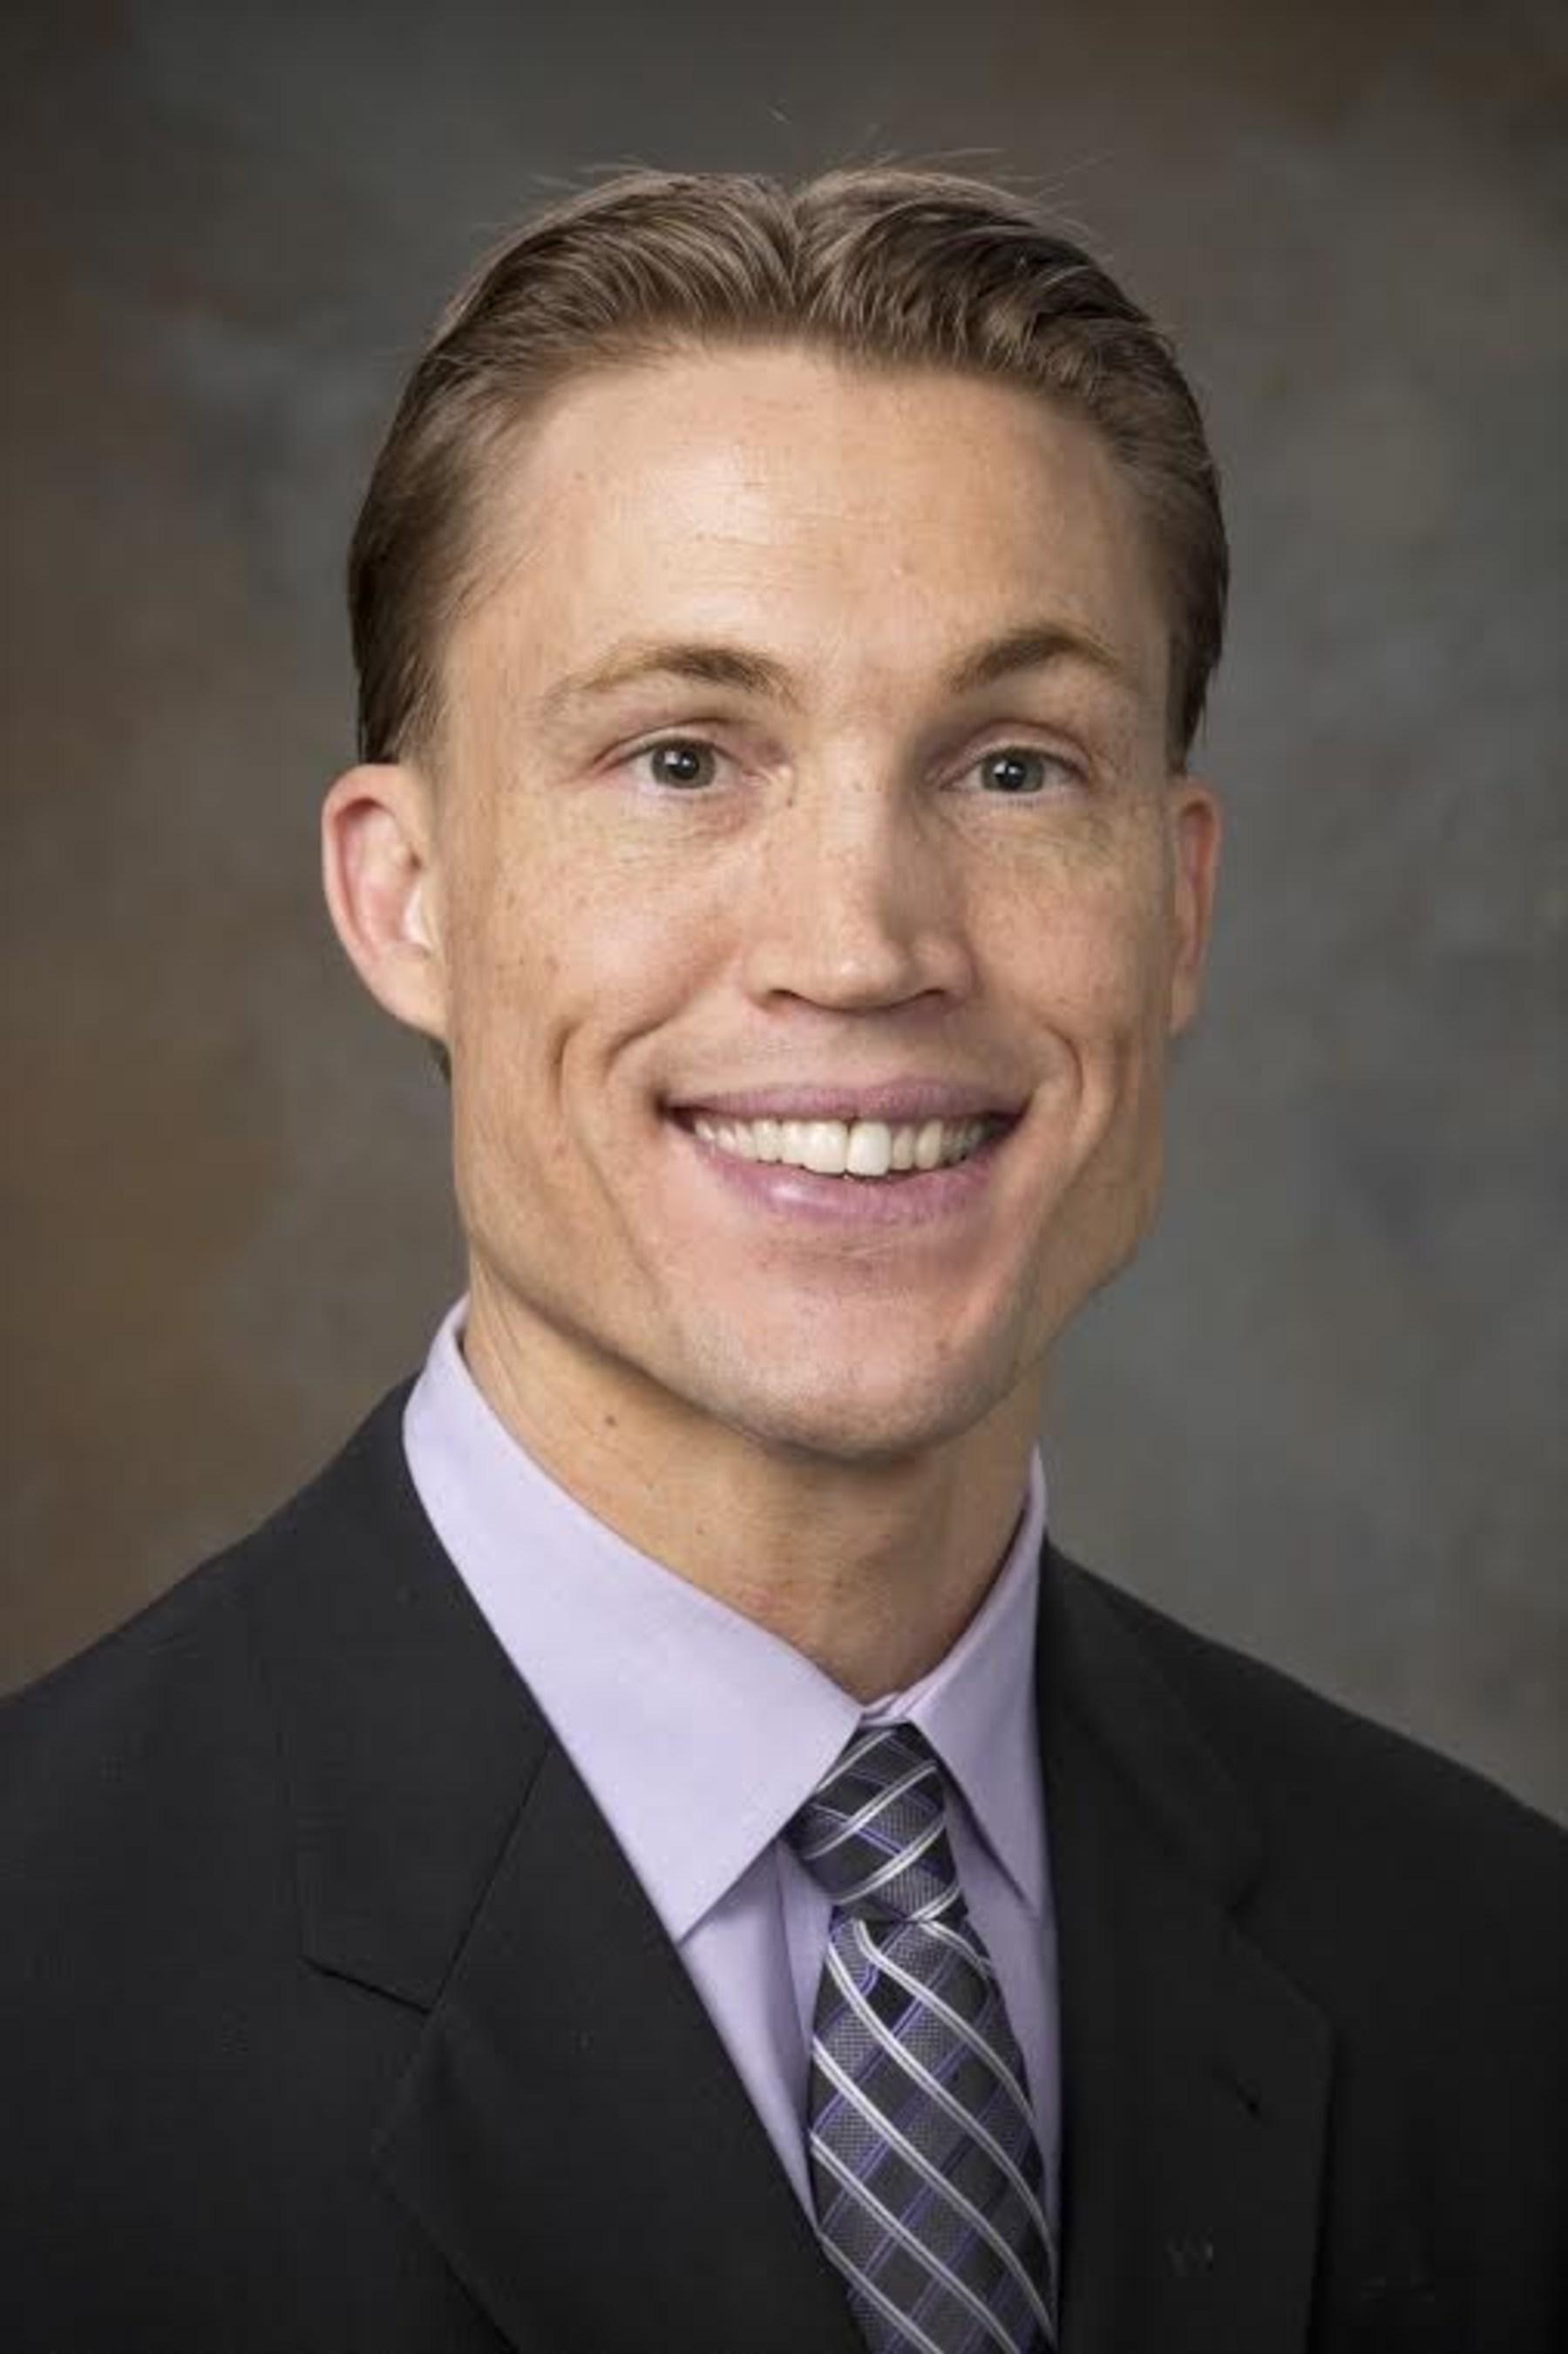 William Magnuson, M.D.